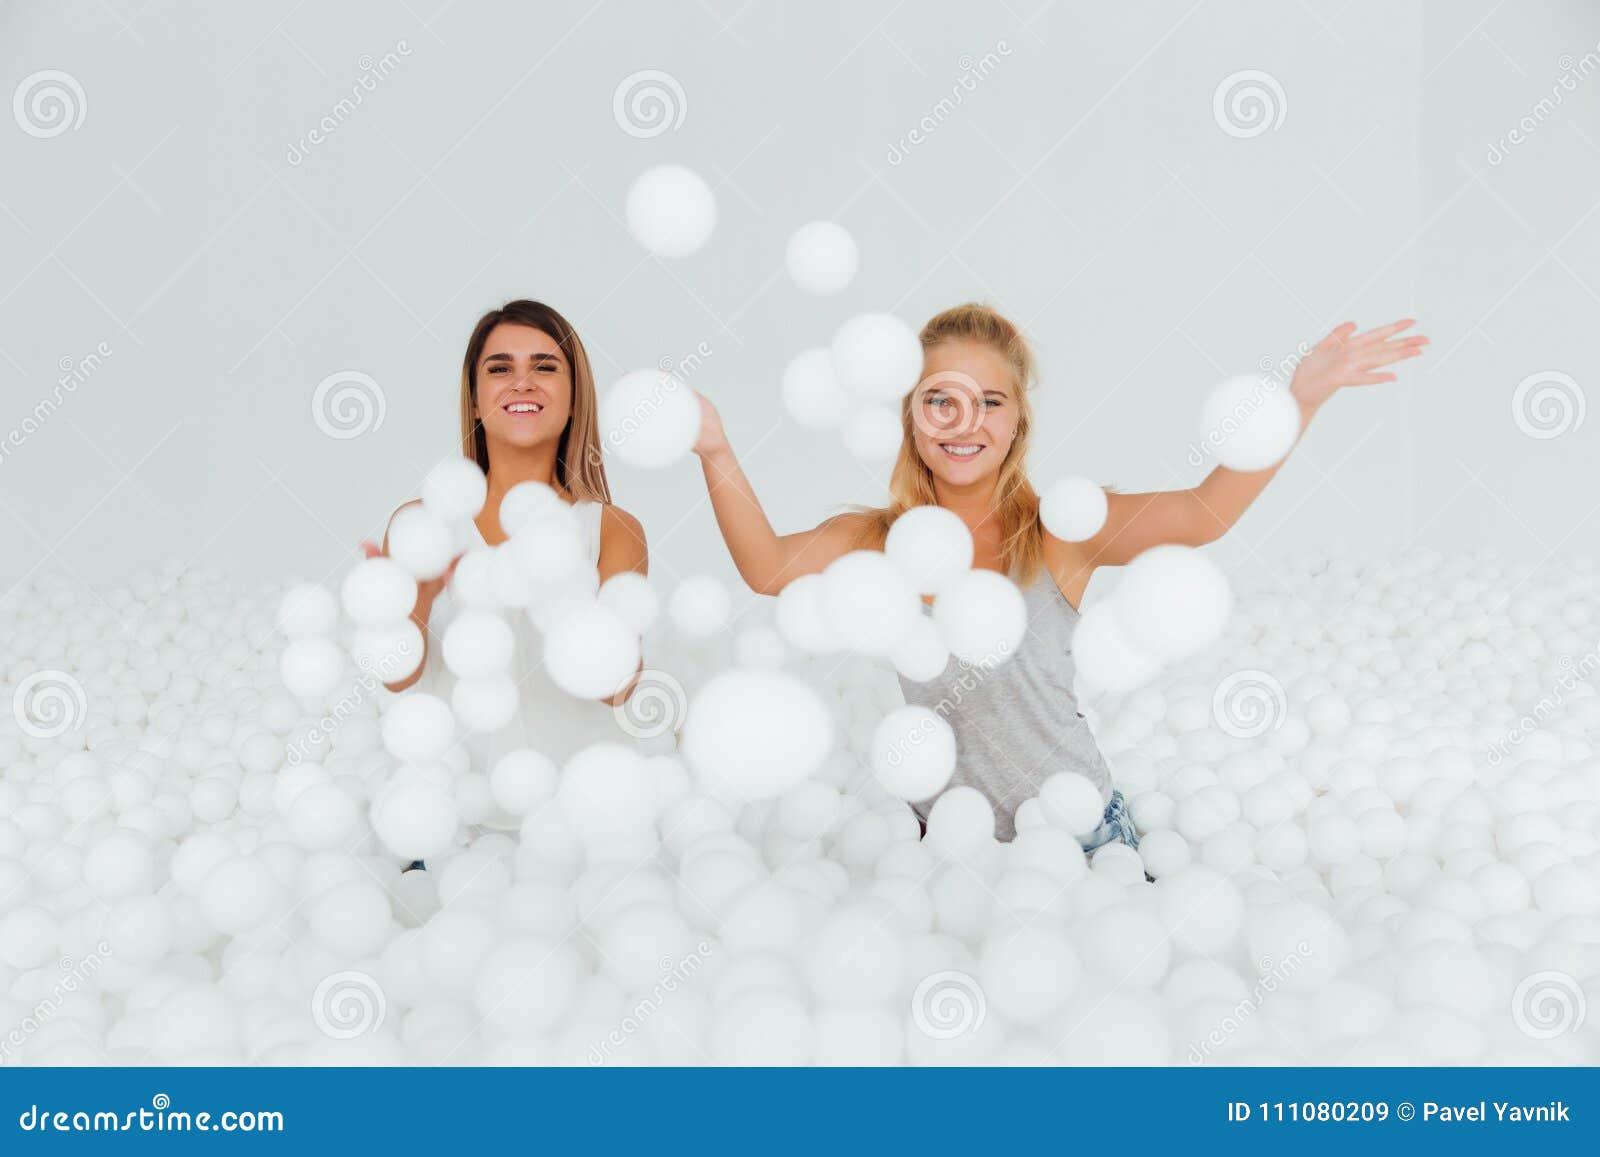 Ευτυχής στάση φίλων πορτρέτου που περιβάλλεται από τις άσπρες πλαστικές σφαίρες στην ξηρά λίμνη